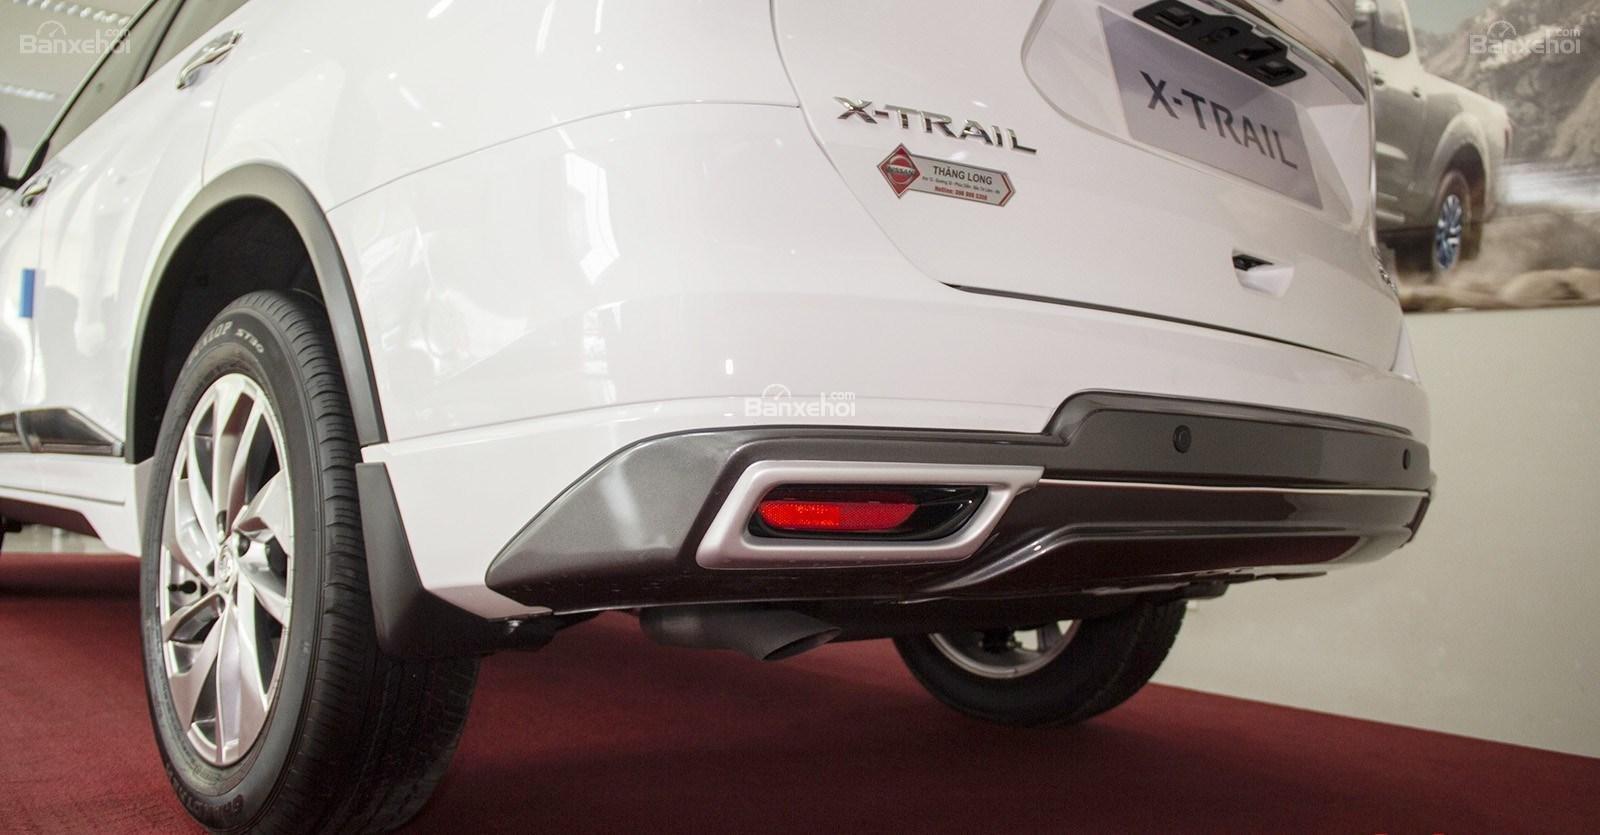 Bán Nissan X Trail 2018 giảm 40tr + phụ kiện, xe đủ màu giao ngay, 220tr đón xe về nhà, hotline 0967.33.22.66-5